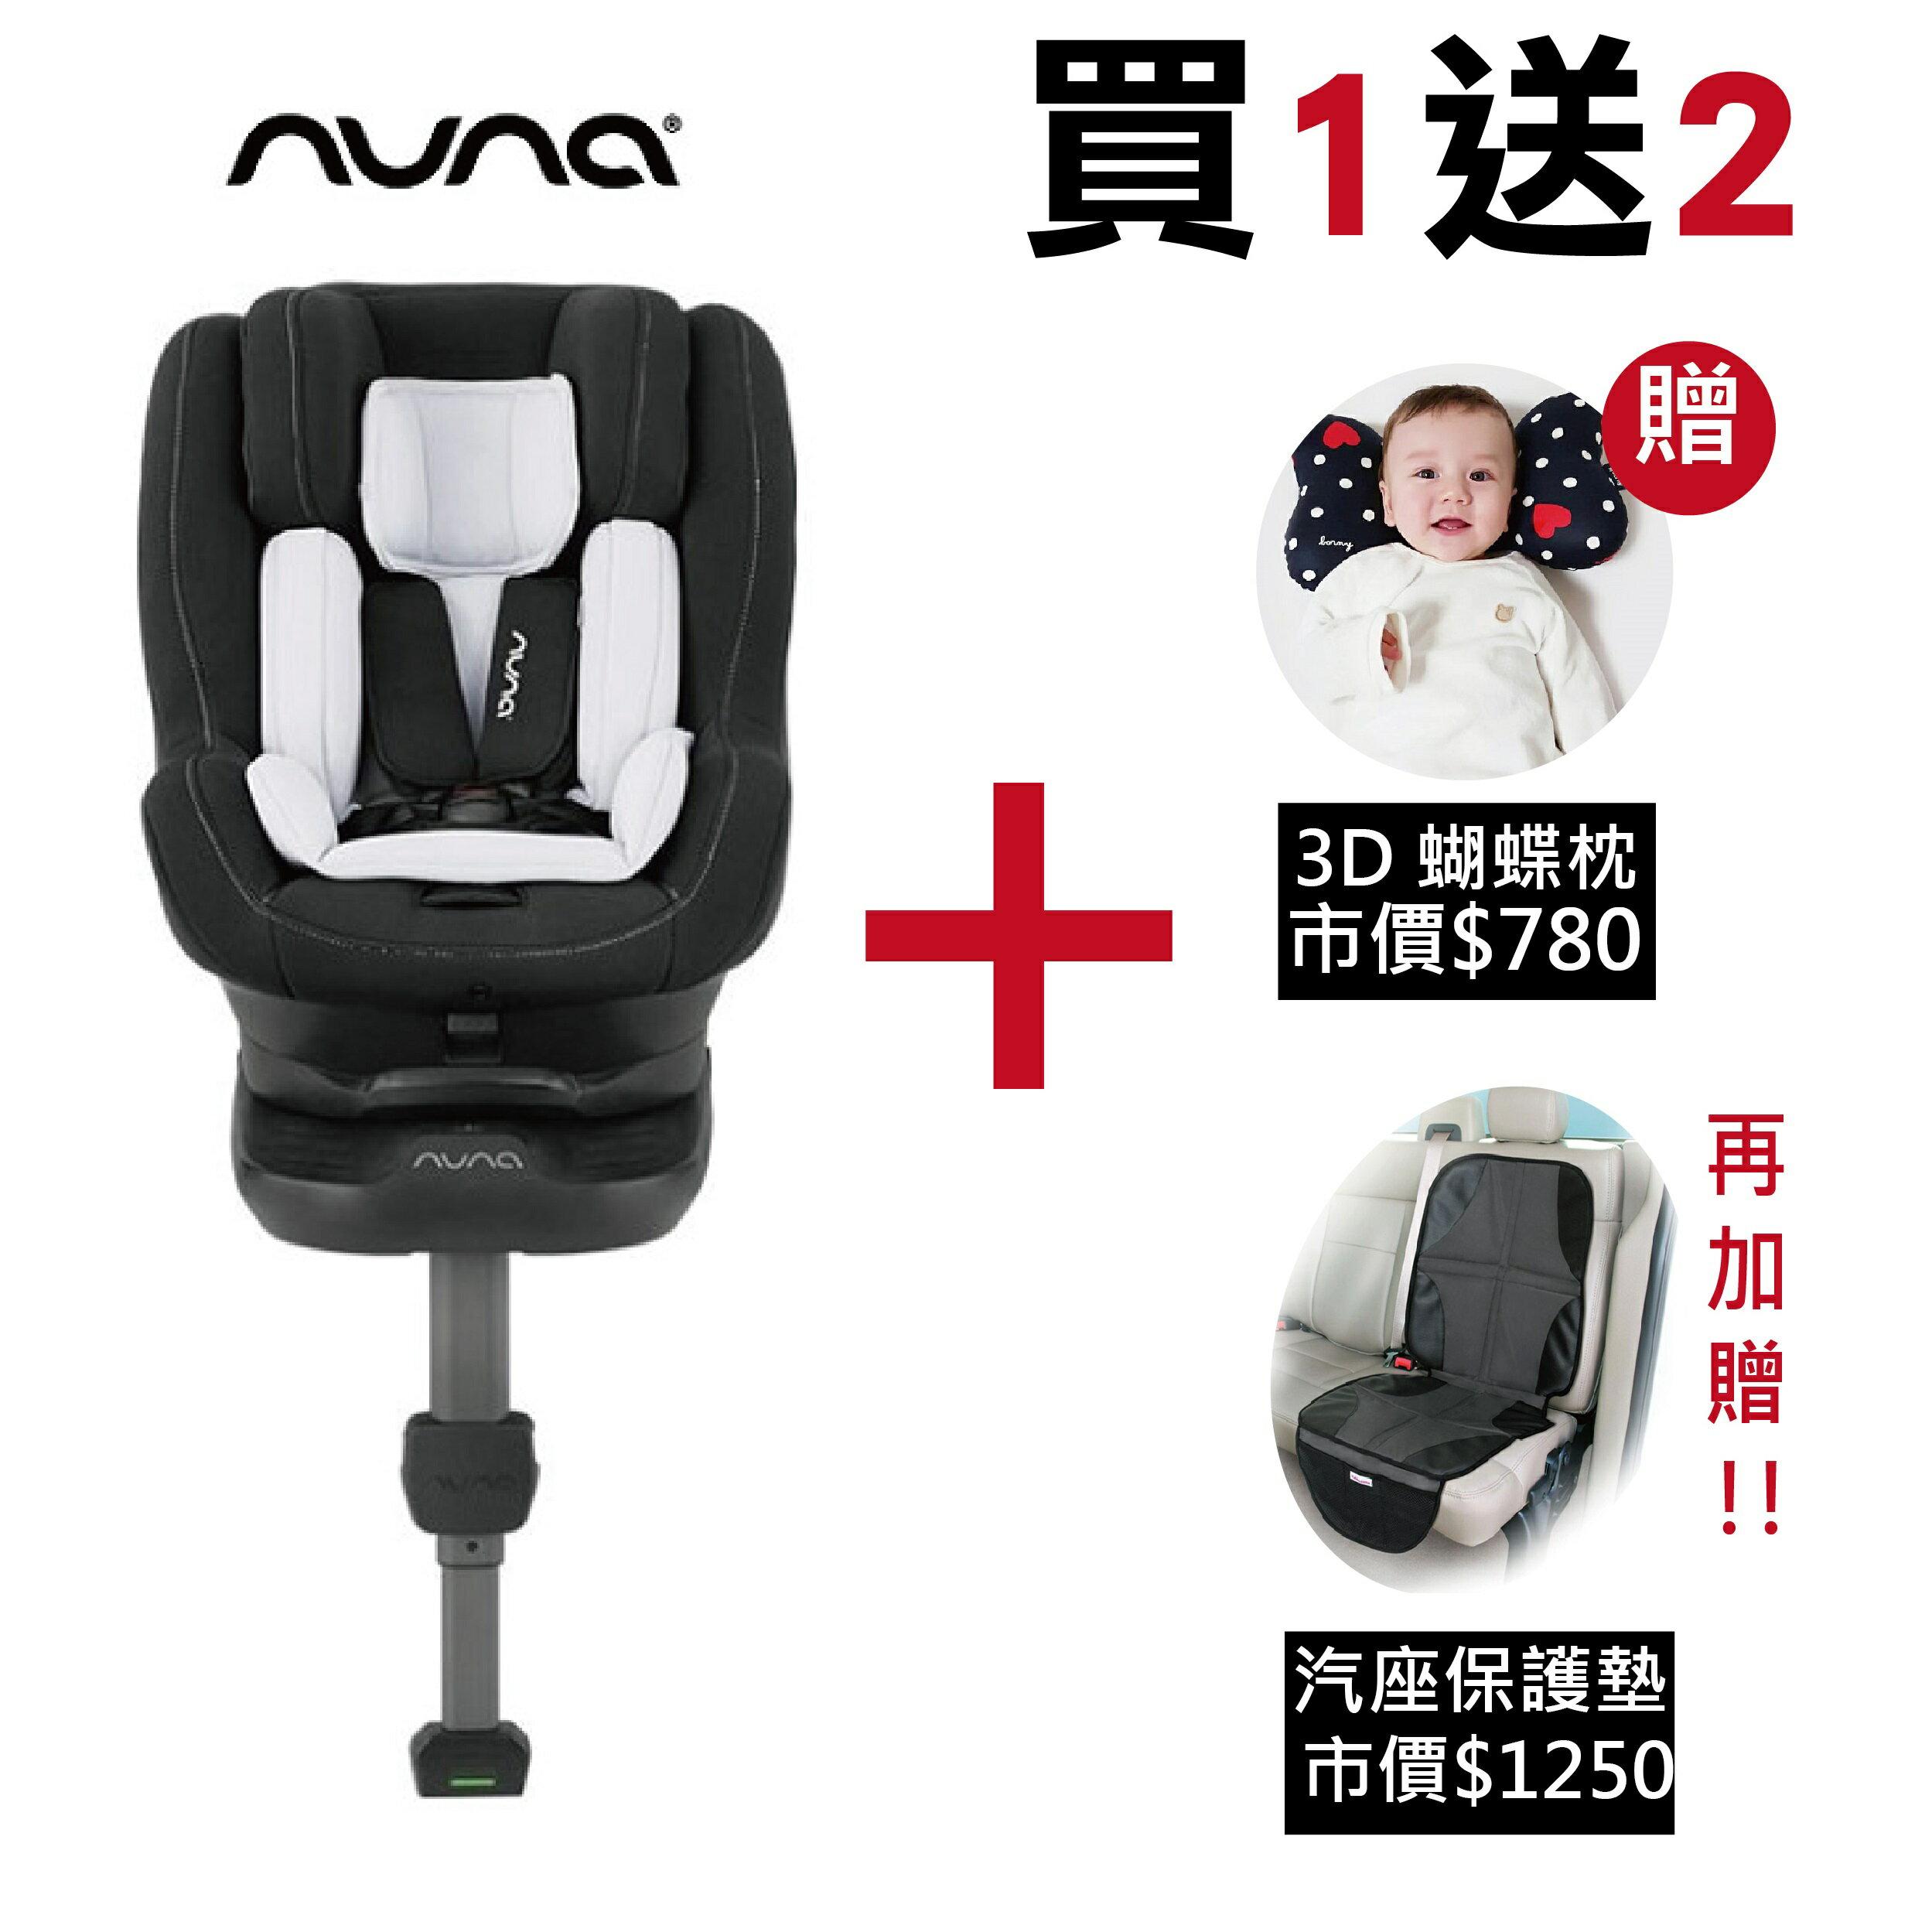 【限量贈borny蝴蝶枕&汽座保護墊!!】荷蘭【Nuna】rebl 兒童安全座椅-黑色 0